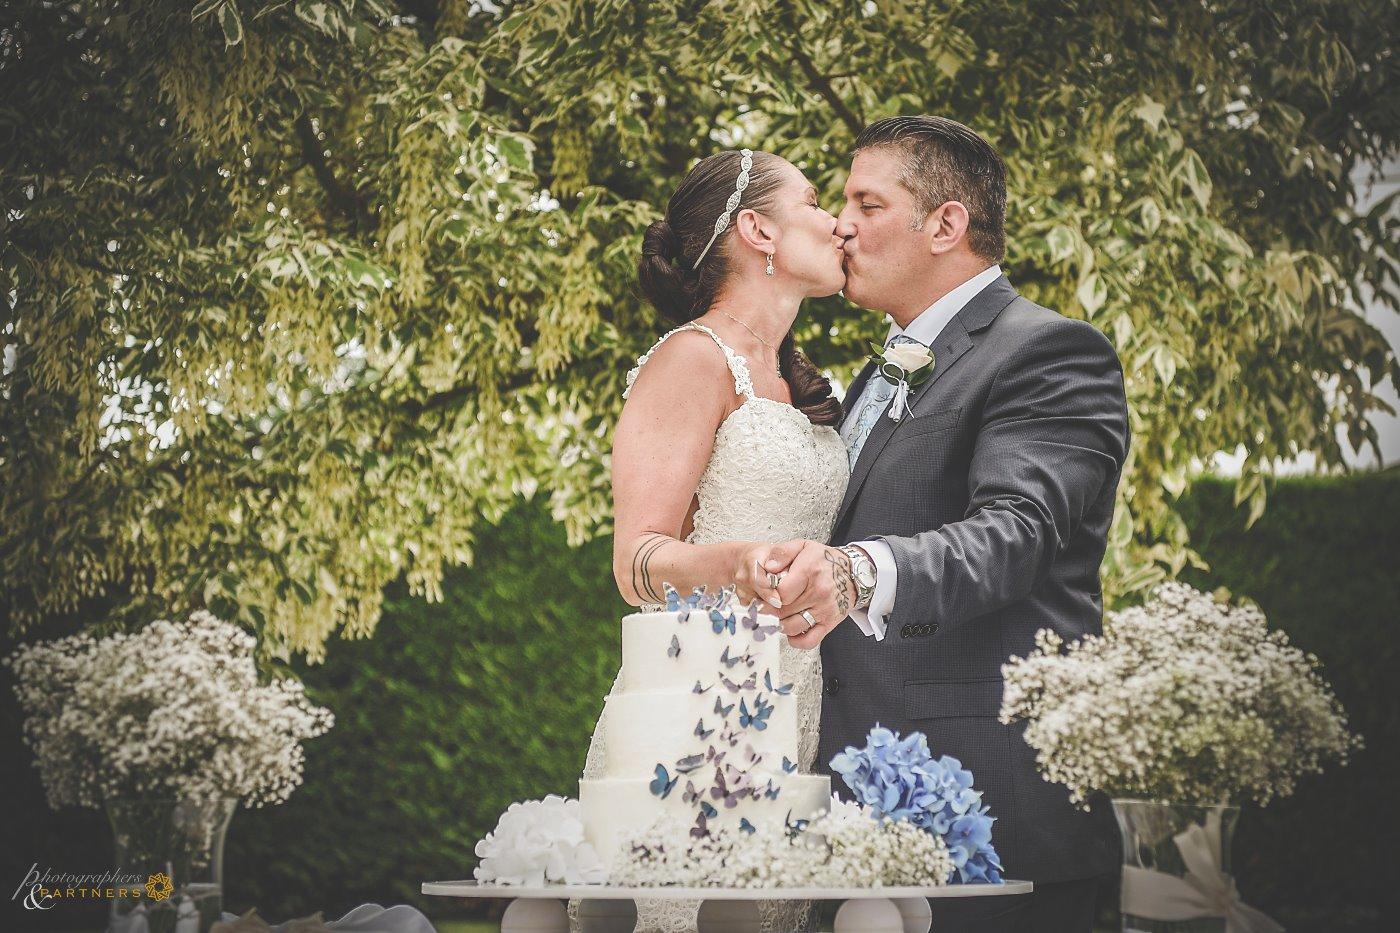 photography_weddings_cortona_22.jpg